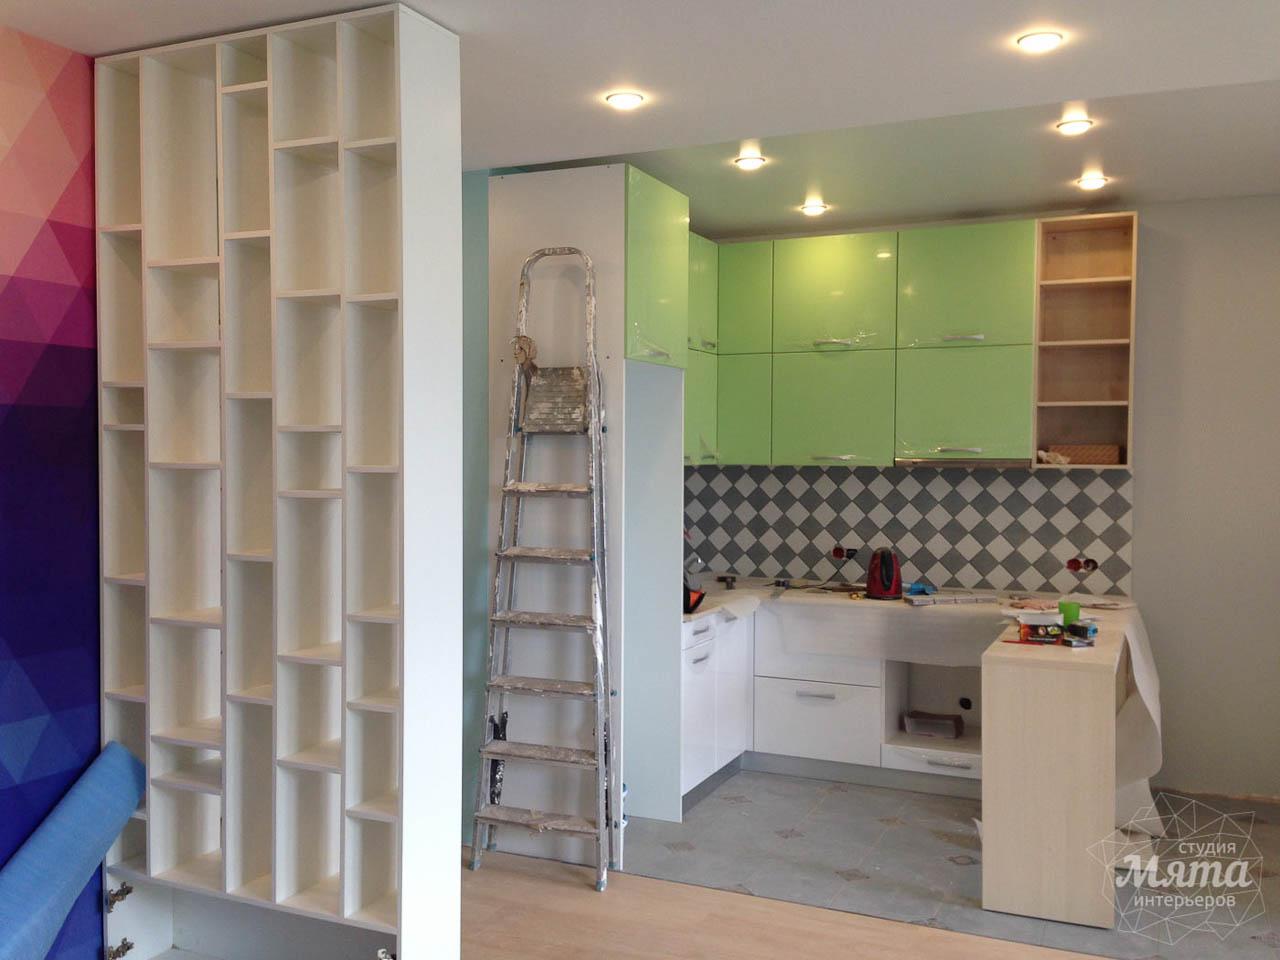 Дизайн интерьера и ремонт однокомнатной квартиры по ул. Сурикова 53а 63